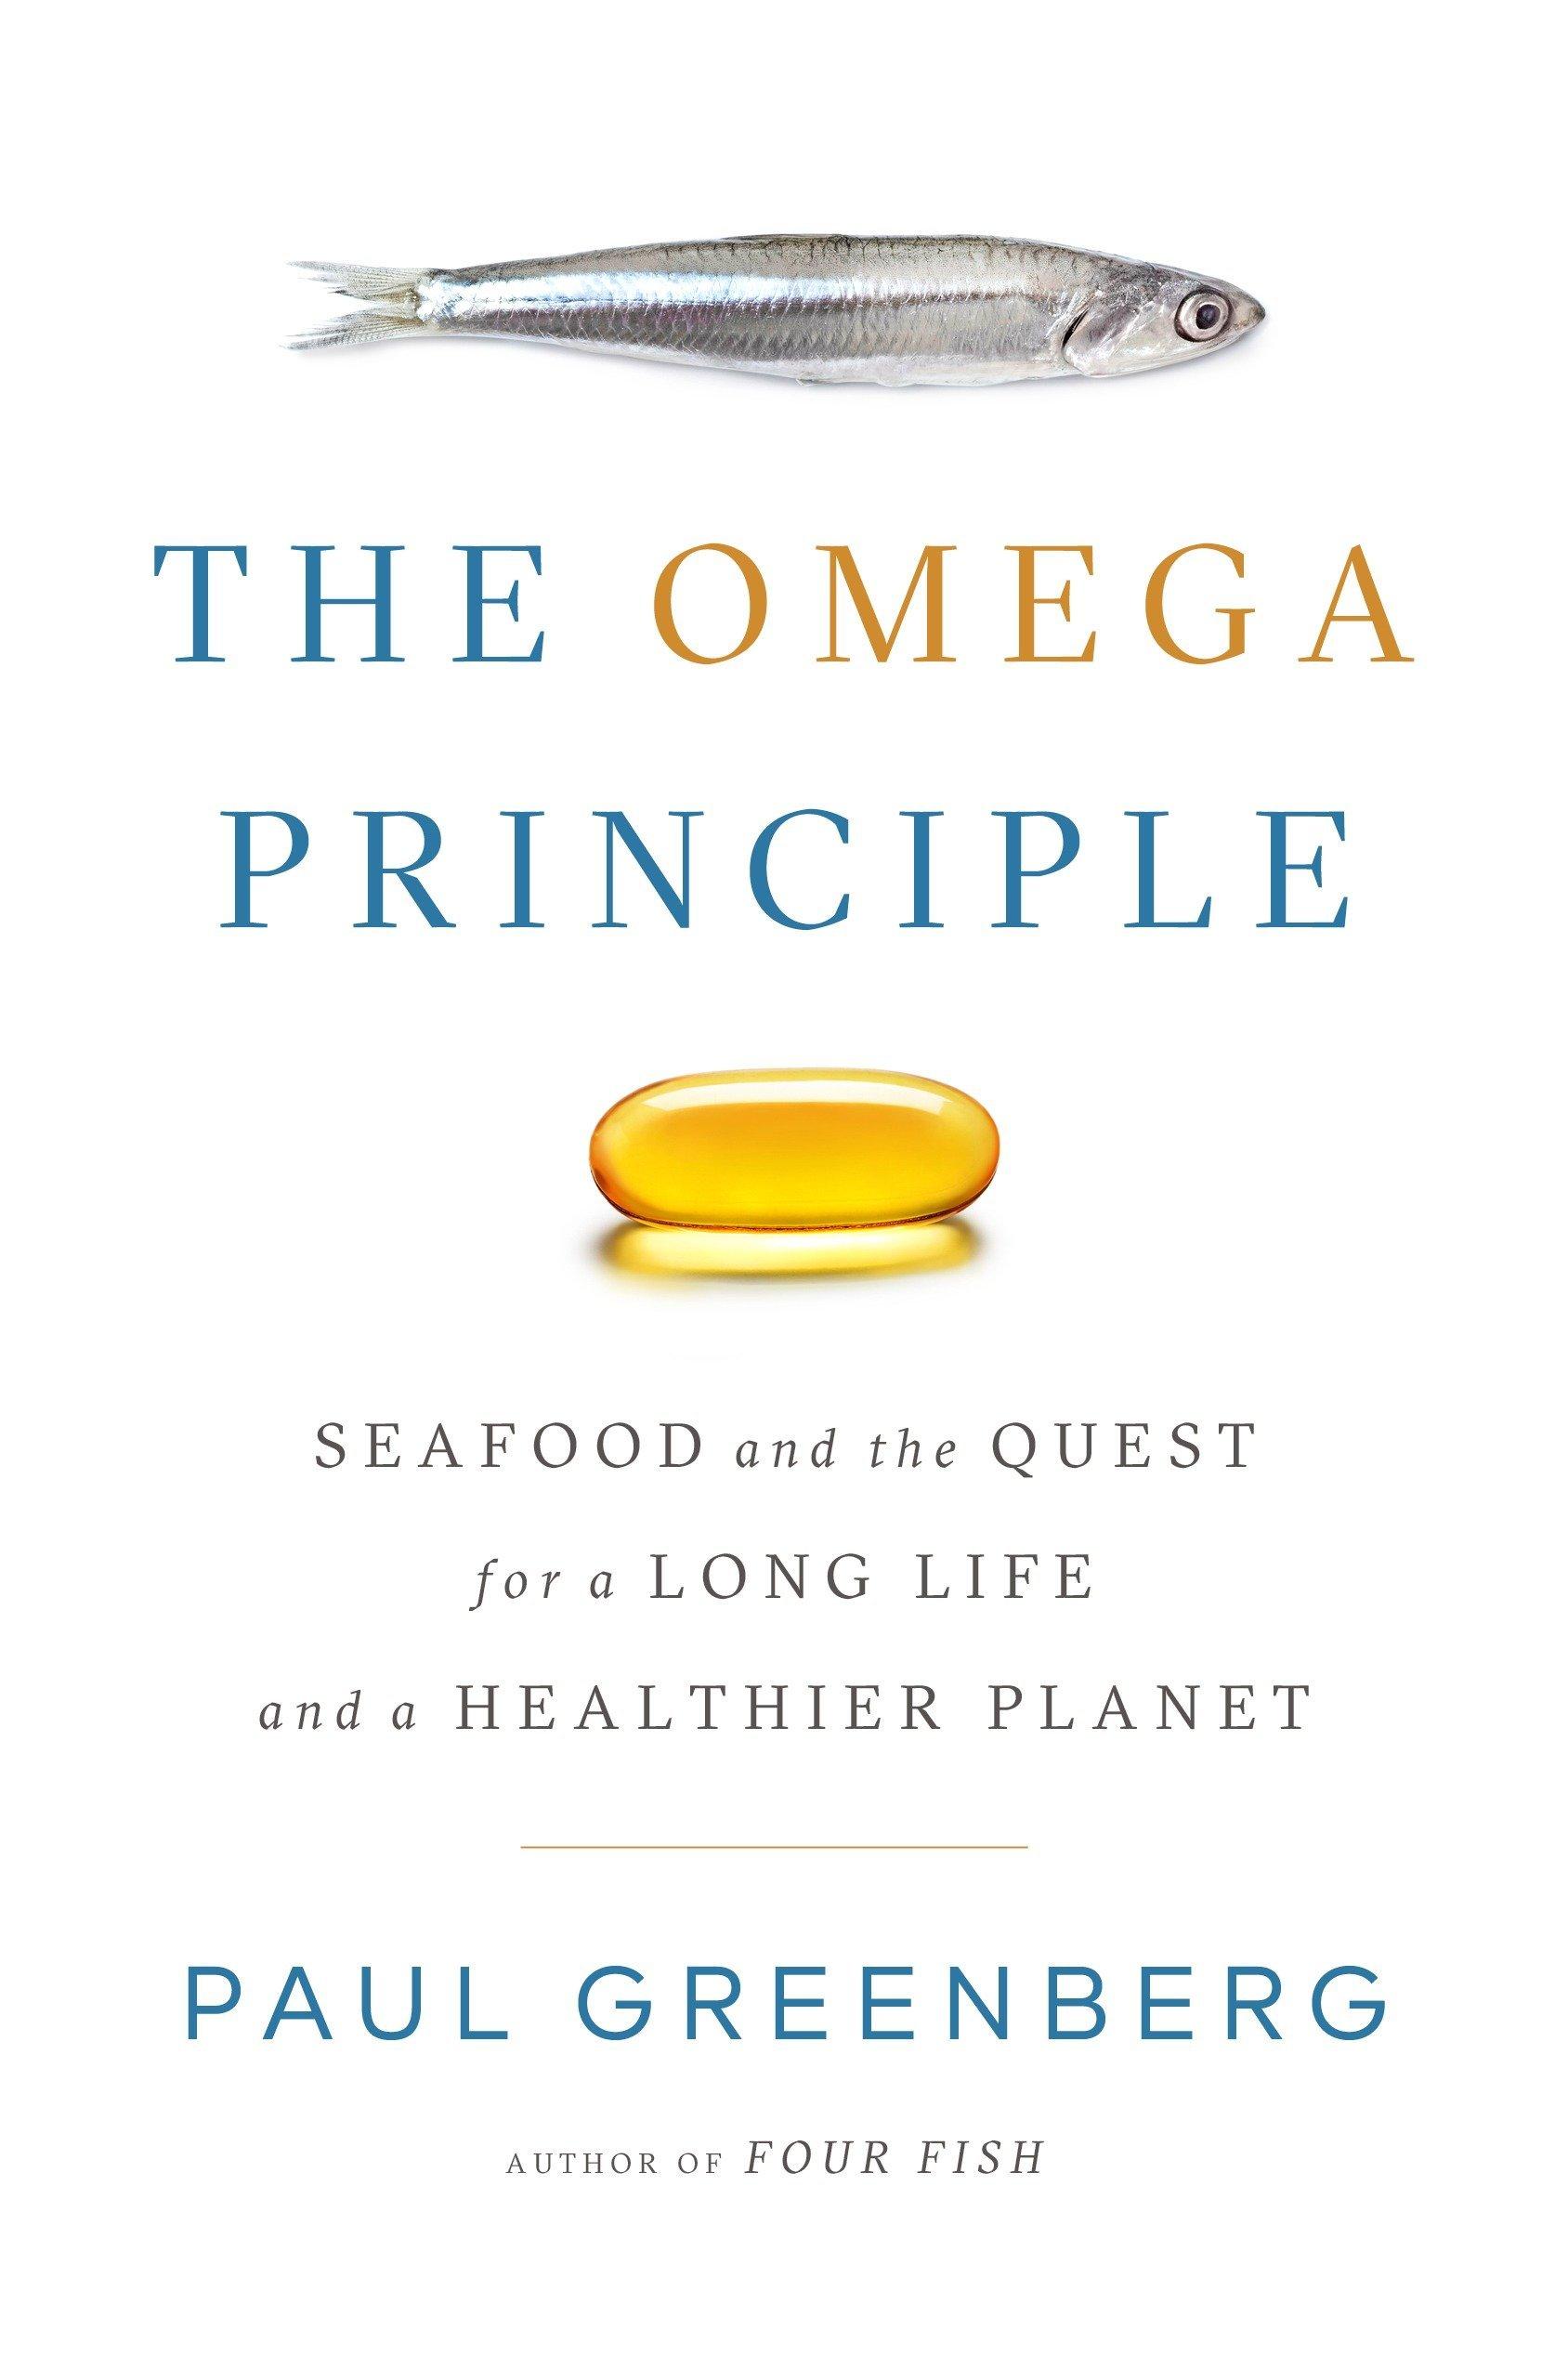 omegaprinciplebookcover.jpg